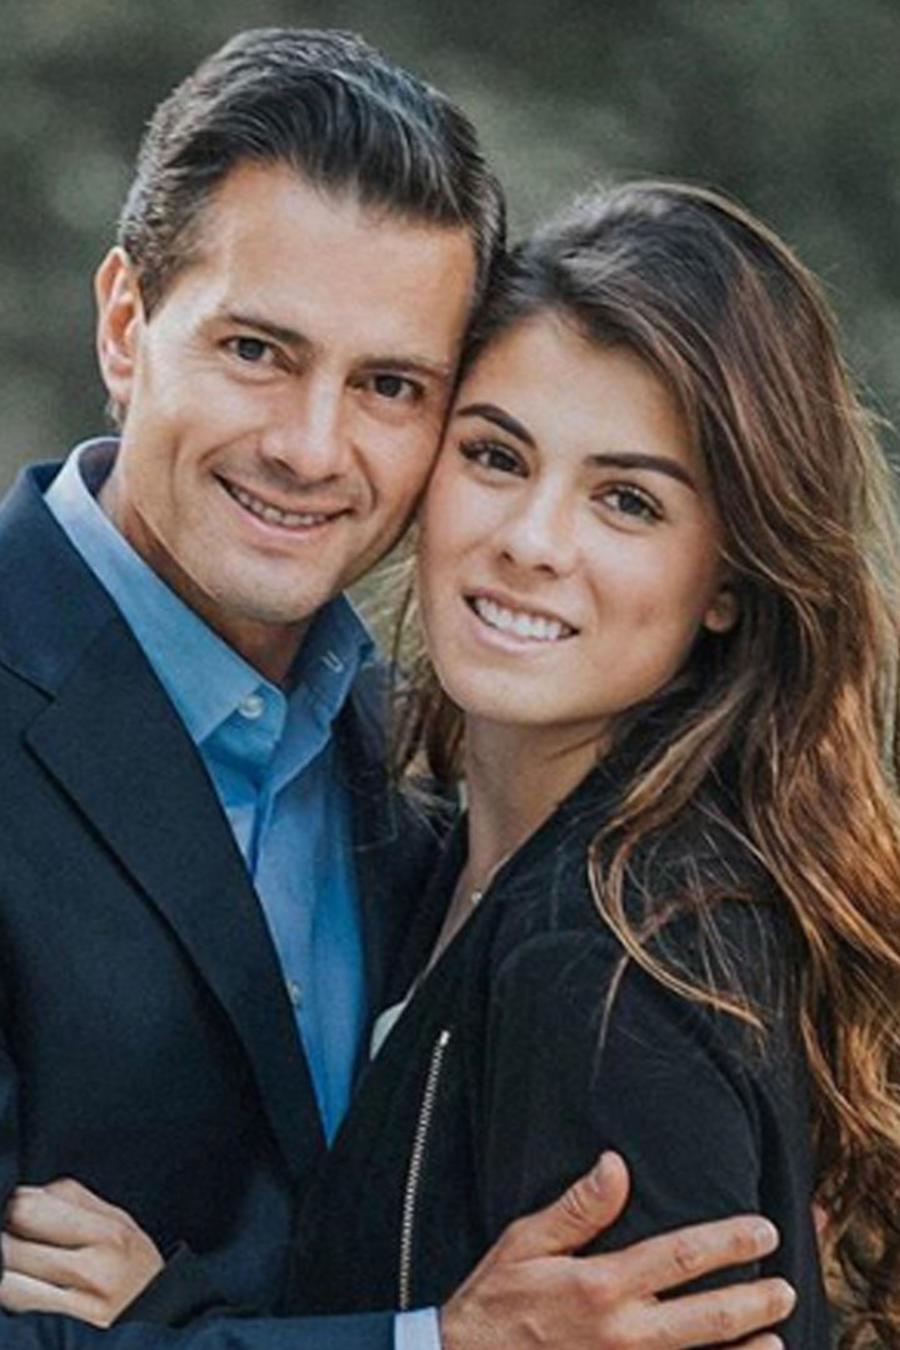 Paulina Peña con su papá Enrique Peña Nieto posando muy sonrientes